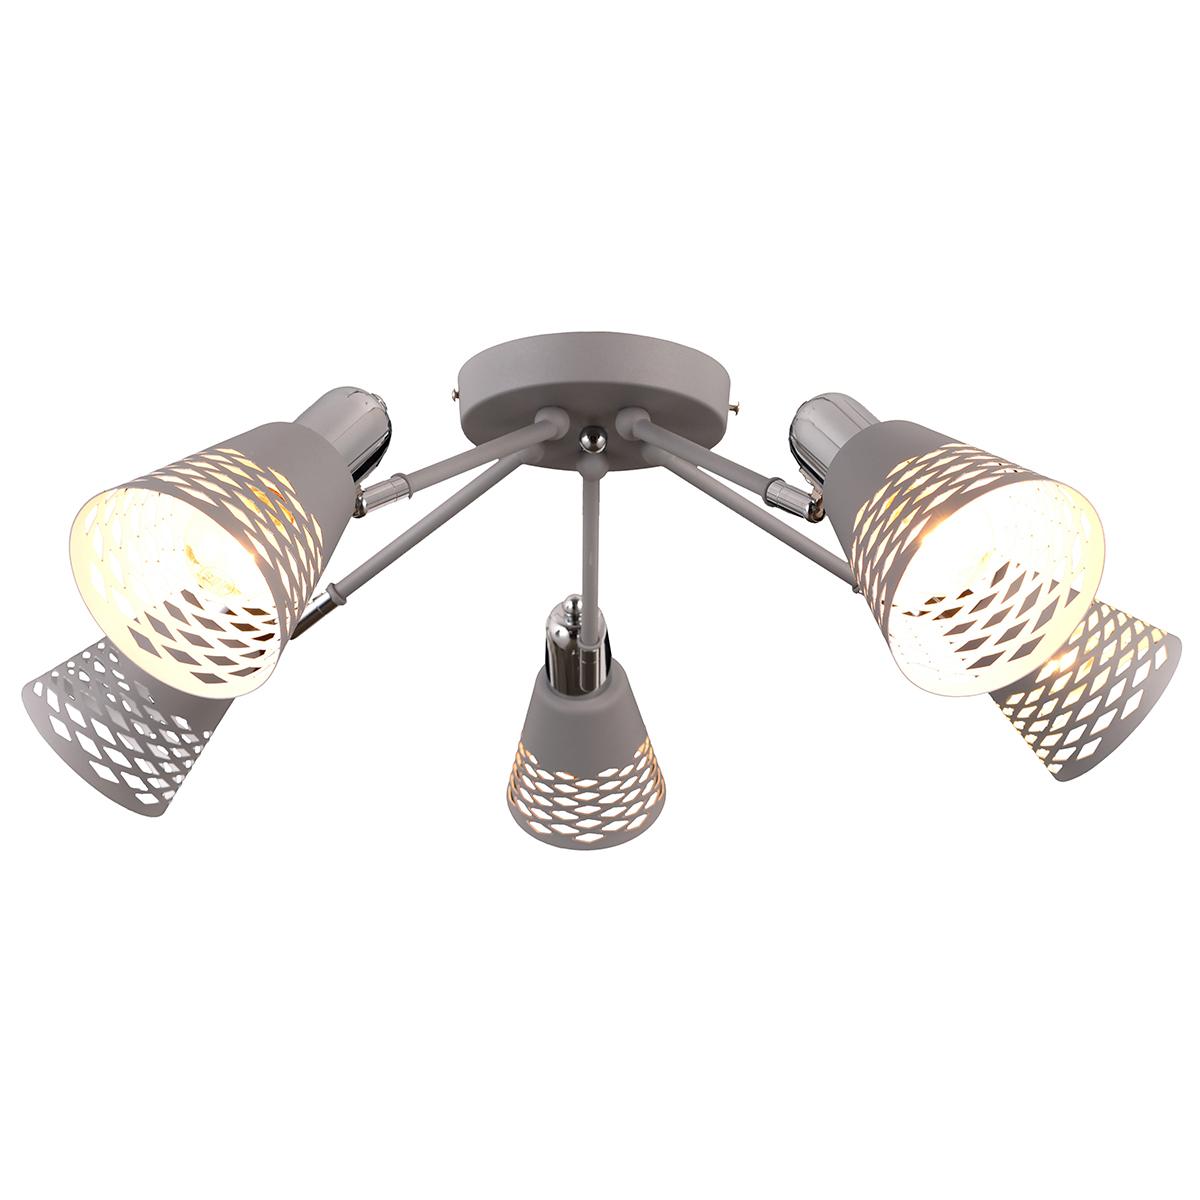 Люстра Natali Kovaltseva, 5 х E14, 40W. VISION 75096/5C GRAYVISION 75096/5C GRAYСтиль модерн характеризуется изогнутыми, несимметричными и грациозными линиями. Очень стильно данные светильники смотрятся в интерьере, в основе которых лежат нестандартные решения.Если Вы любитель всего оригинального, нового, неизбитого, то светильники коллекции Natali Kovaltseva направления МОДЕРН – это Ваш выбор! Размеры: D64 x H19 cm